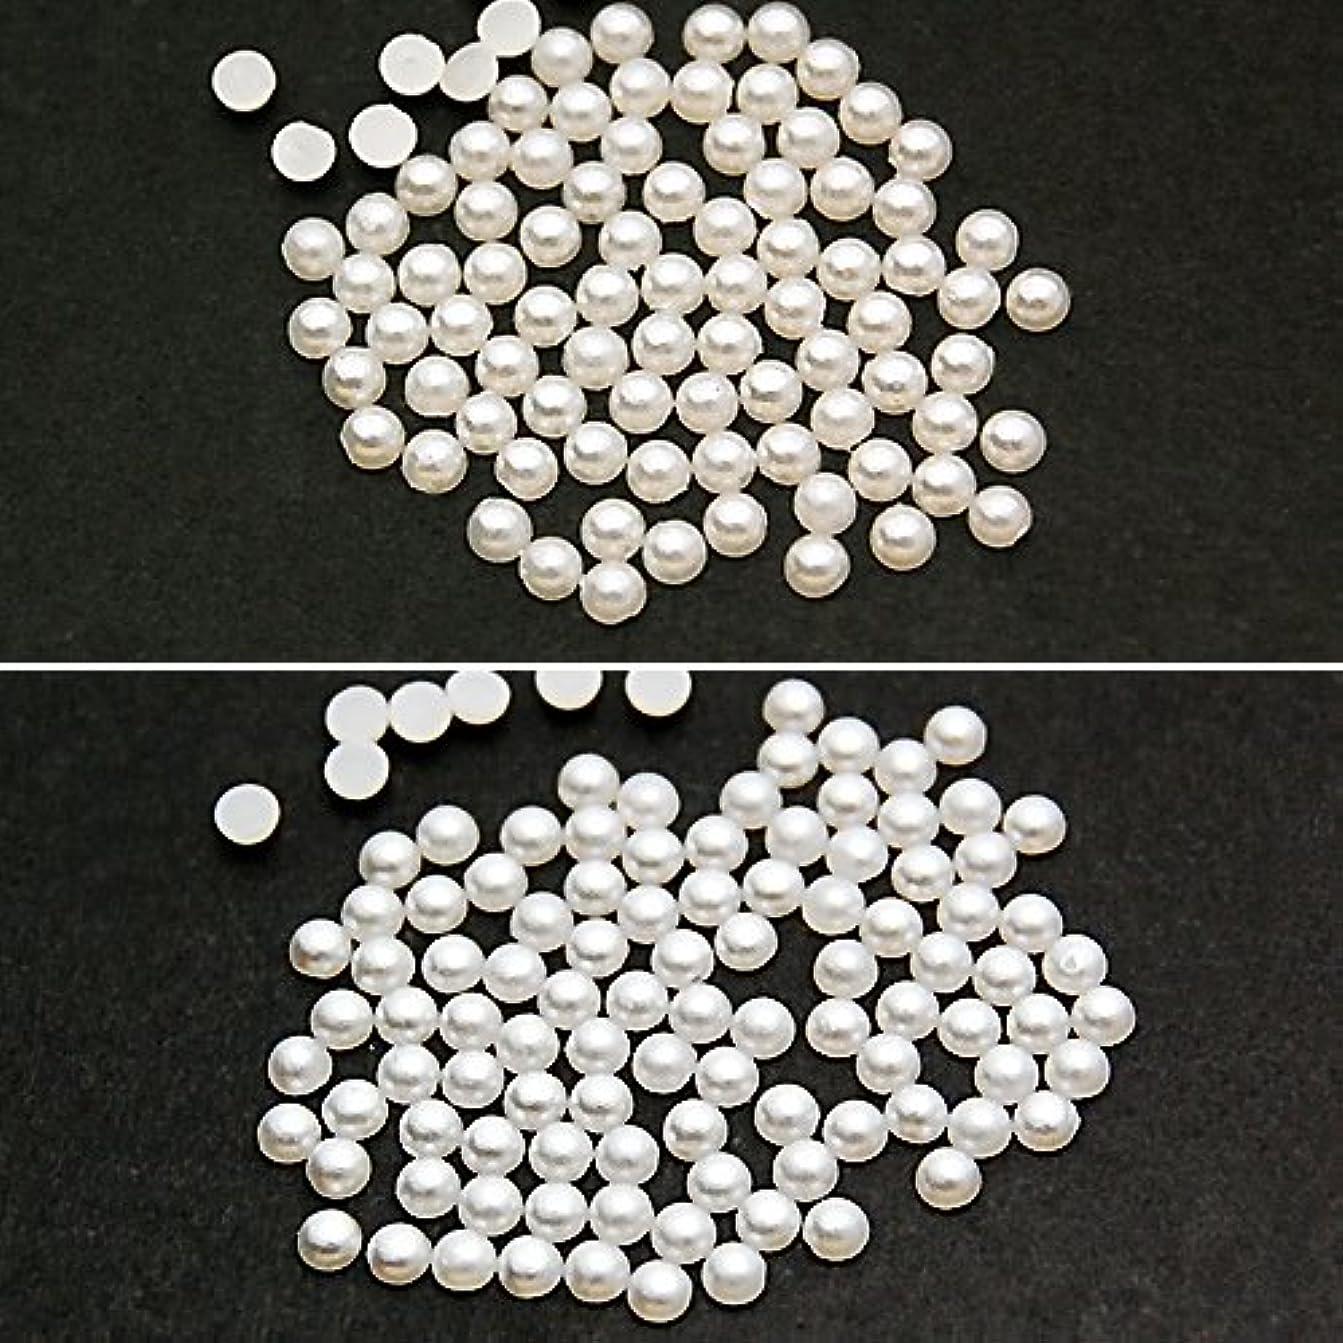 矢カプラー馬鹿げたパールストーン 丸半2mm 800粒 ホワイト